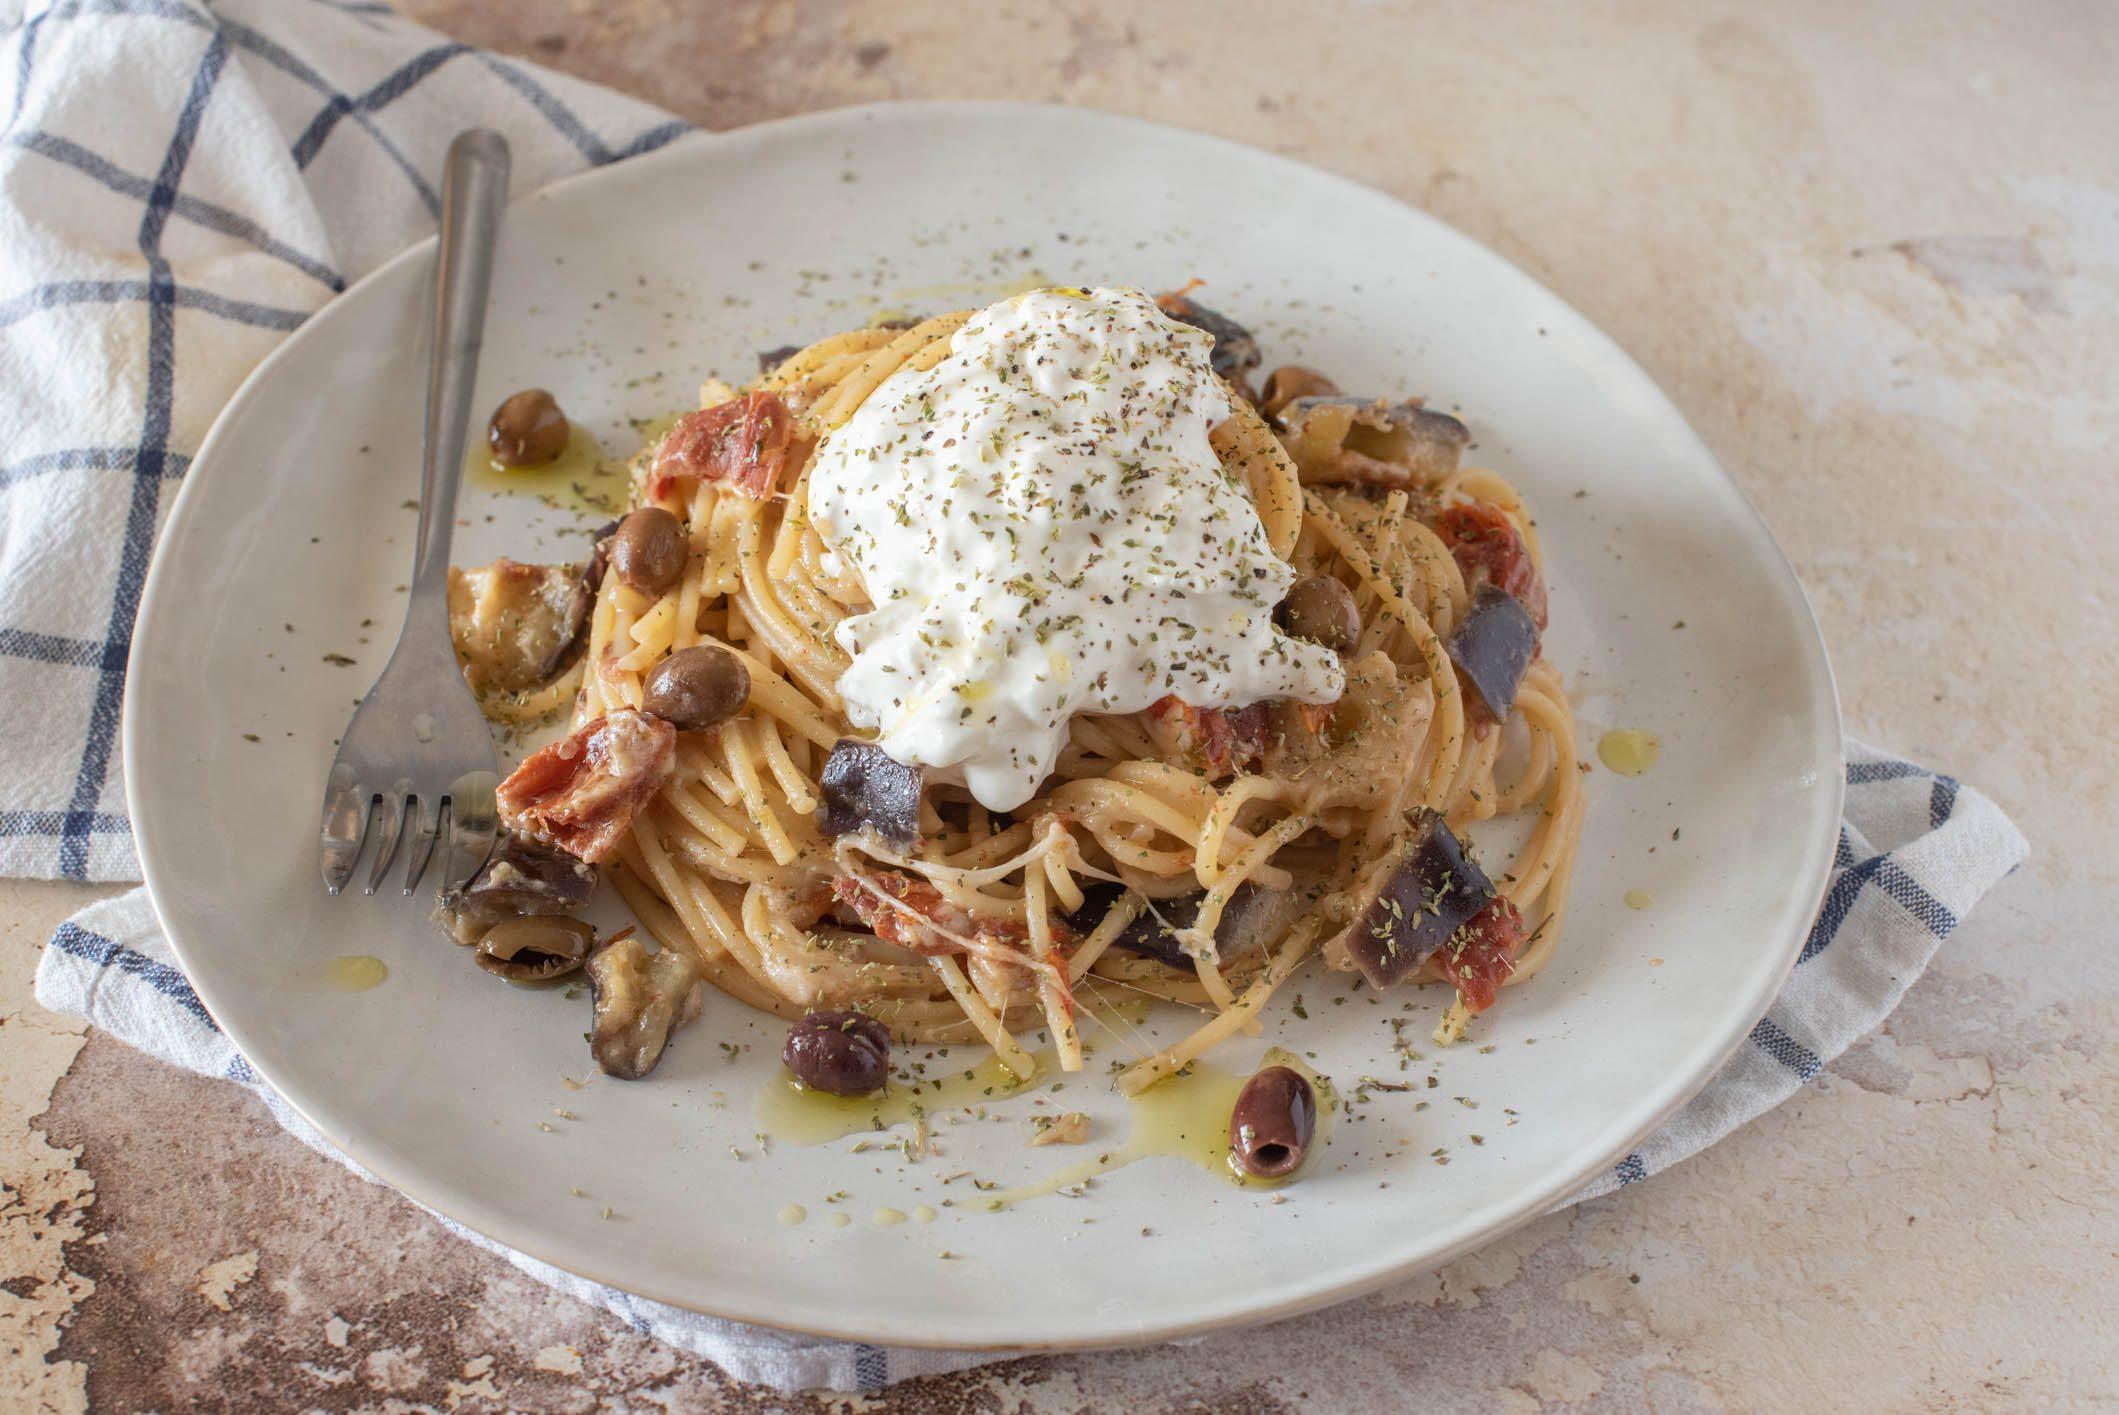 Spaghetti con crema di burrata e melanzane: la ricetta del piatto cremoso e raffinato